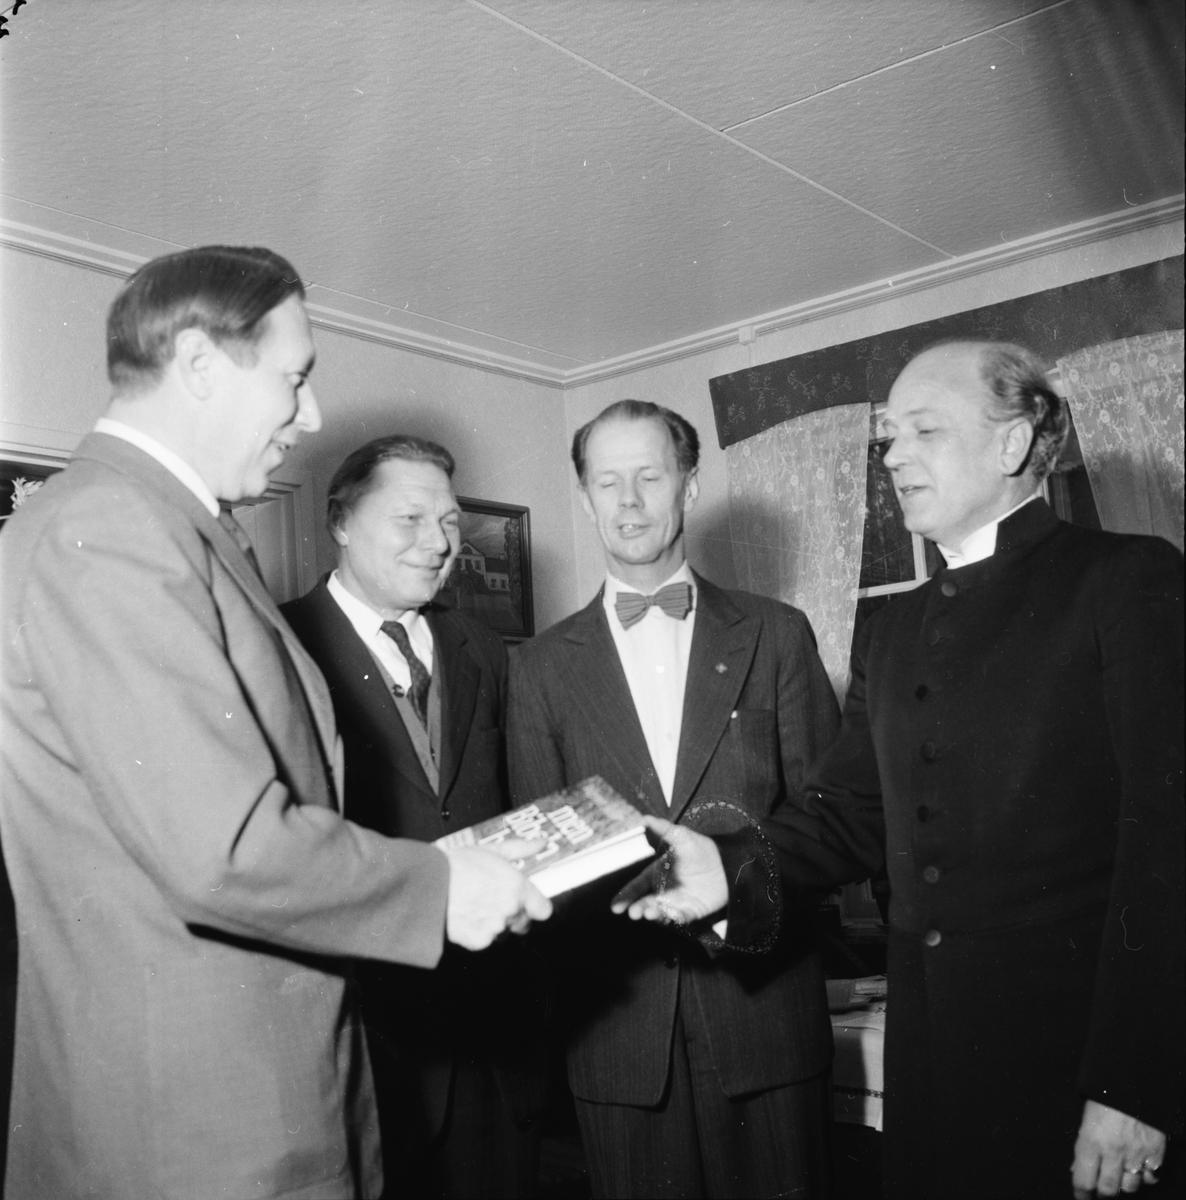 Kyrkoherde Åke Bungner, Radioandakt på folkhögskolan 1957